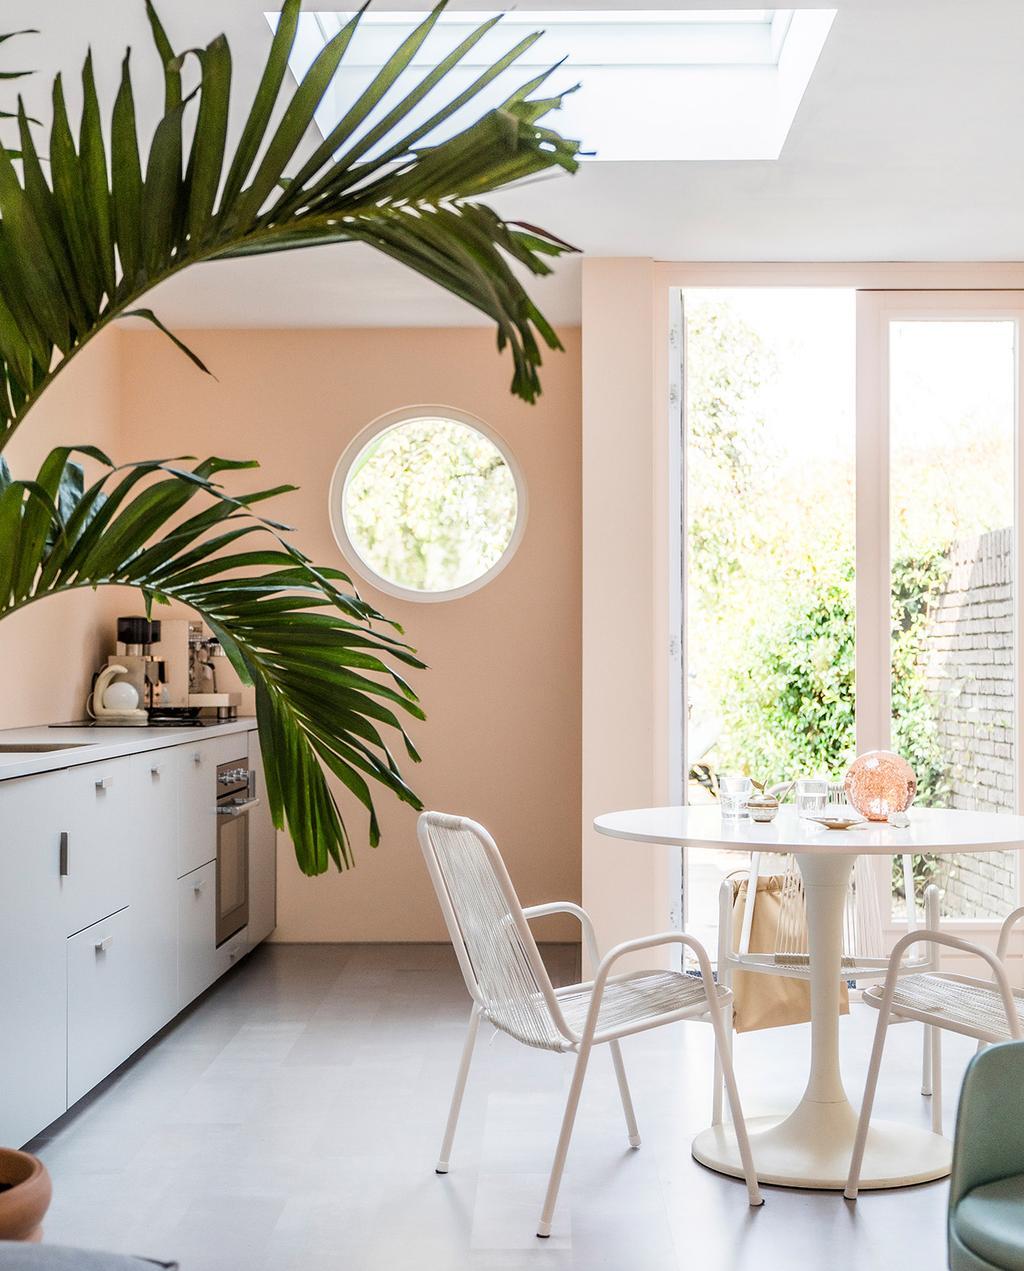 vtwonen special tiny houses 03-2021 | oranje muren in de woonkamer